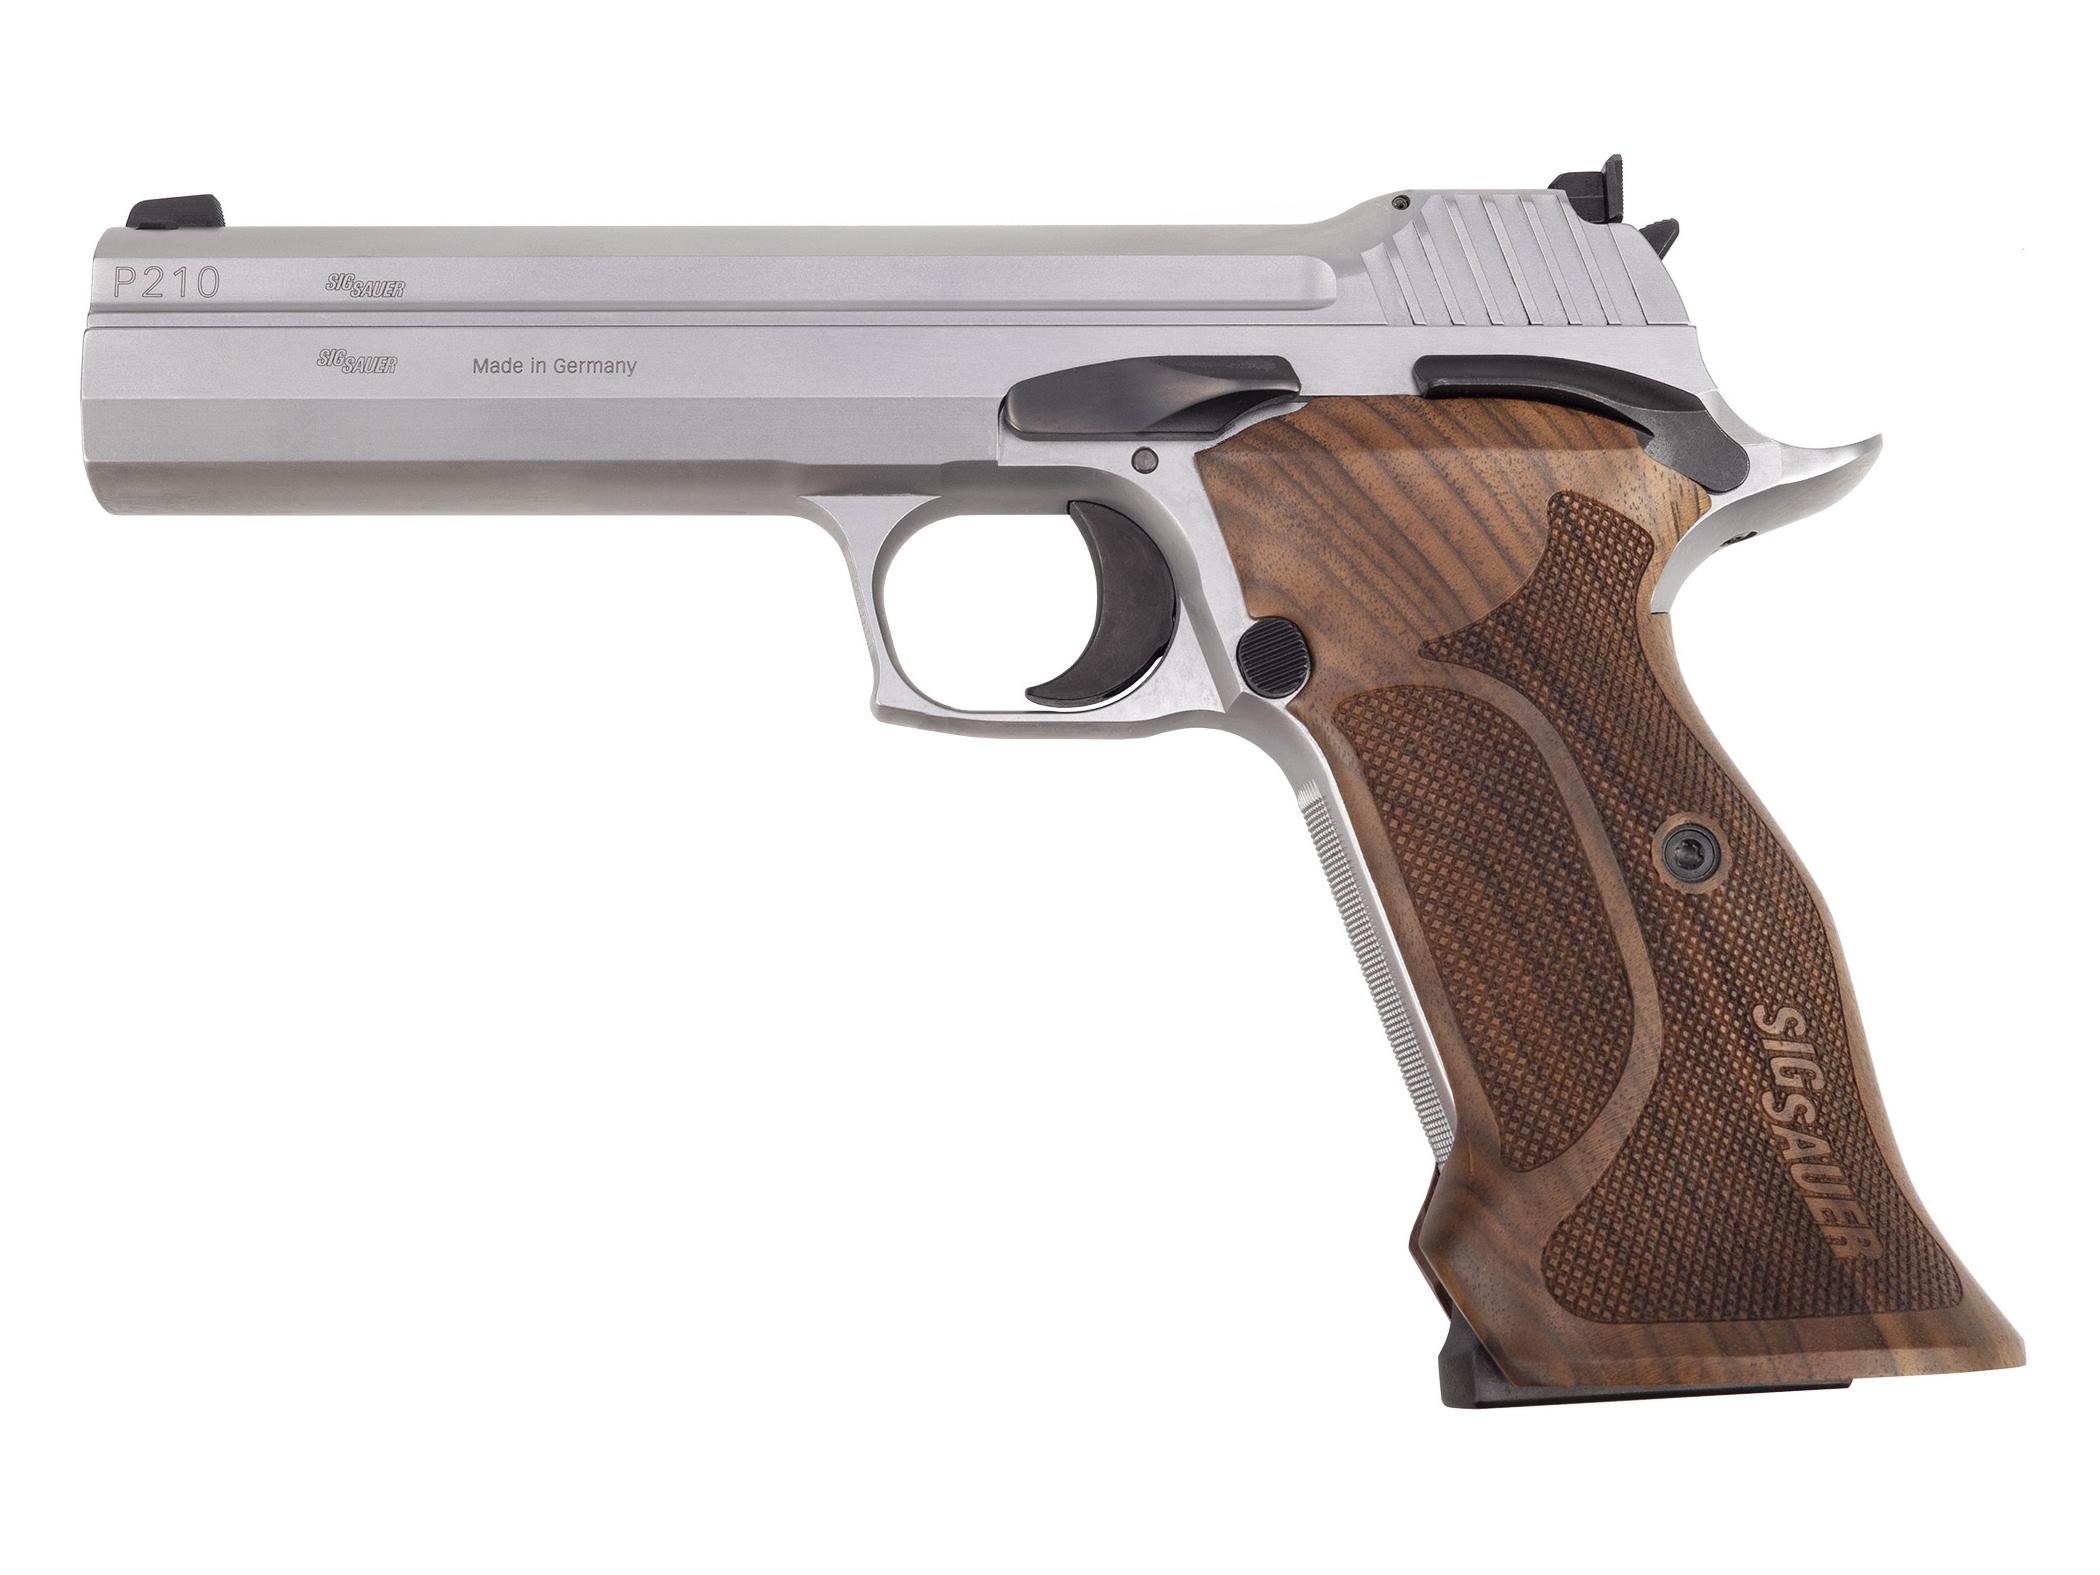 Pistolet semi-automatique SIG-Sauer modèle P210 Super Target de calibre 9mm Parabellum